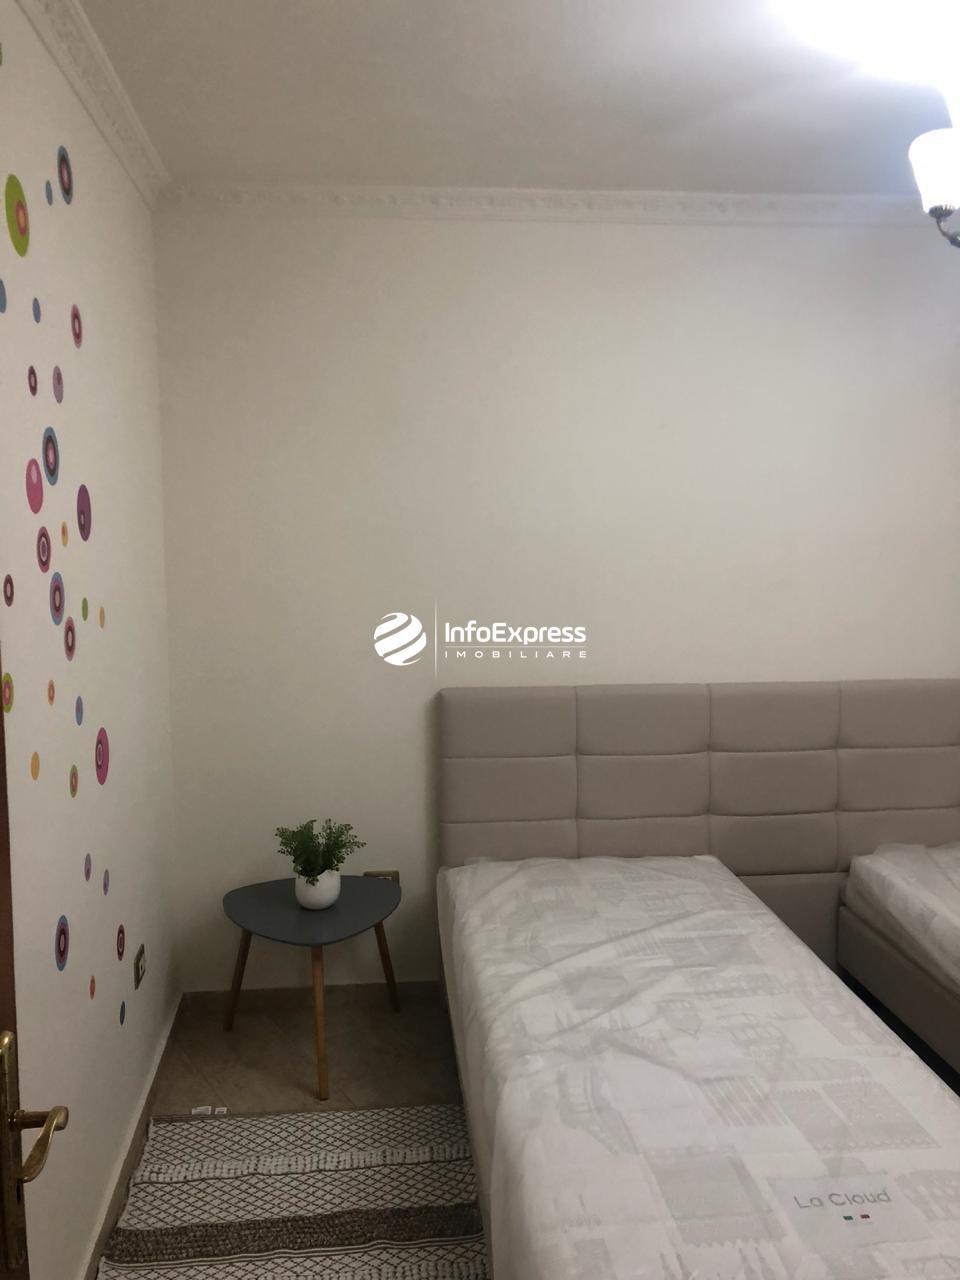 TRR-0618-1188 Jepet me qera apartament 2+1 tek bulevardi zogu i pare  perballe maternitetit